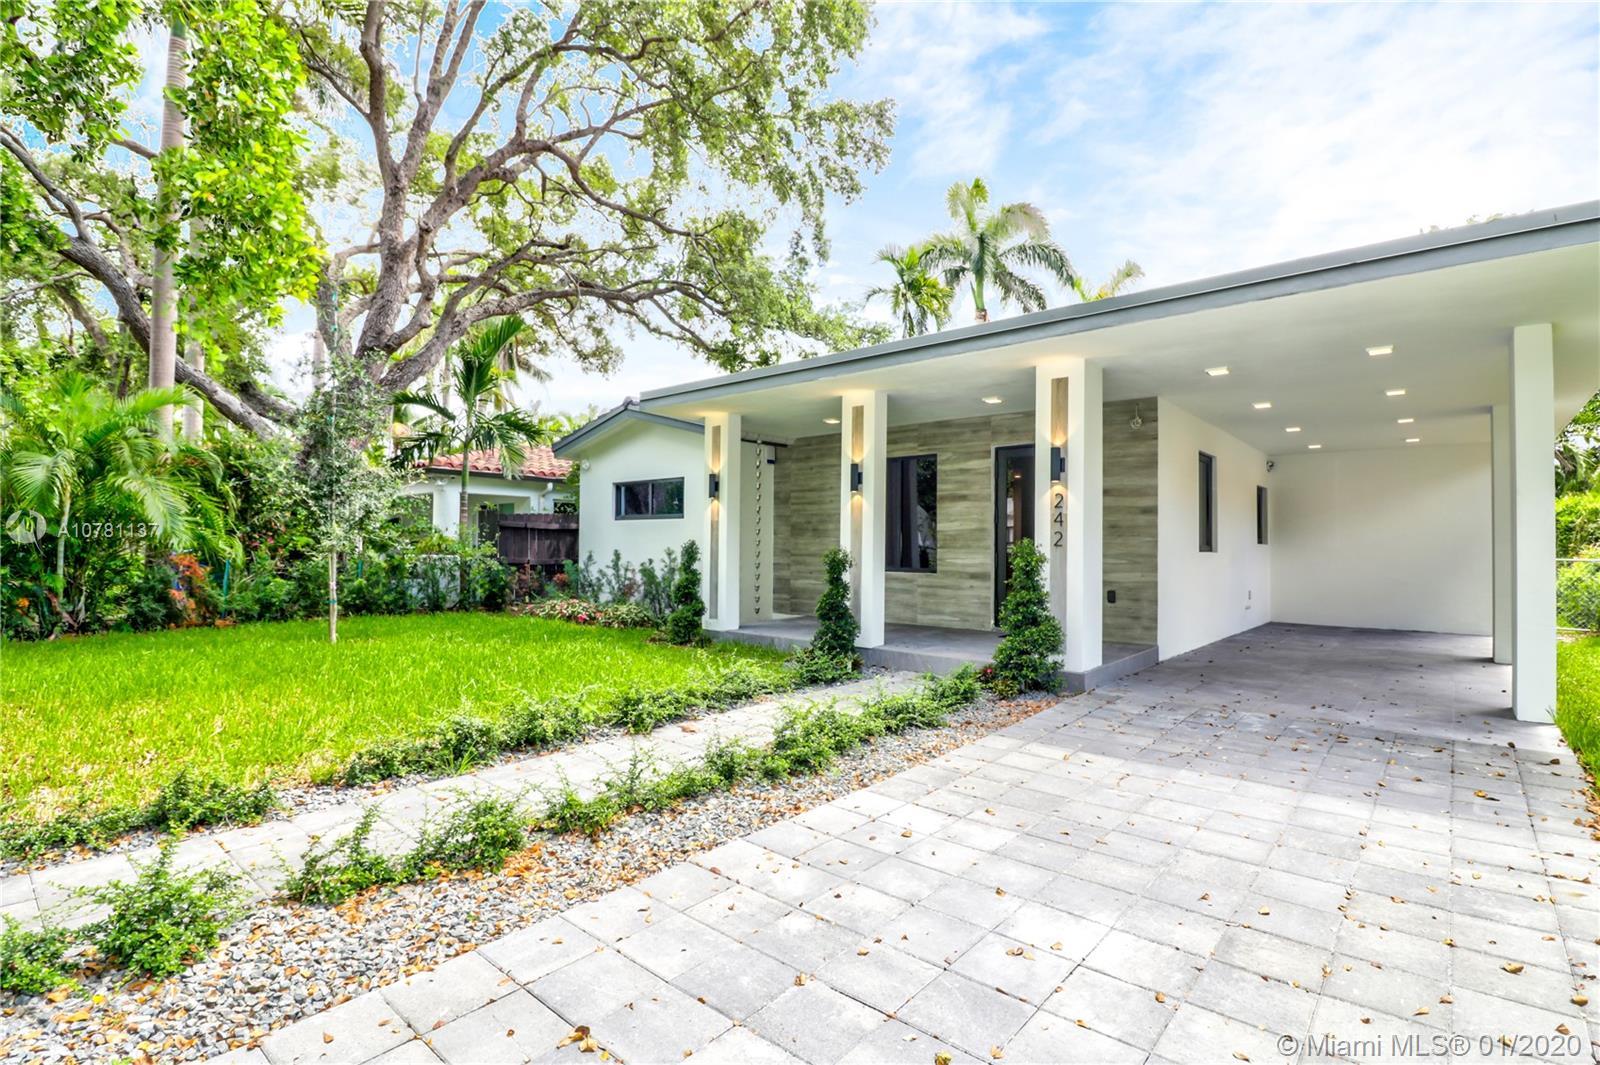 242 SW 31 Rd, Miami, FL 33129